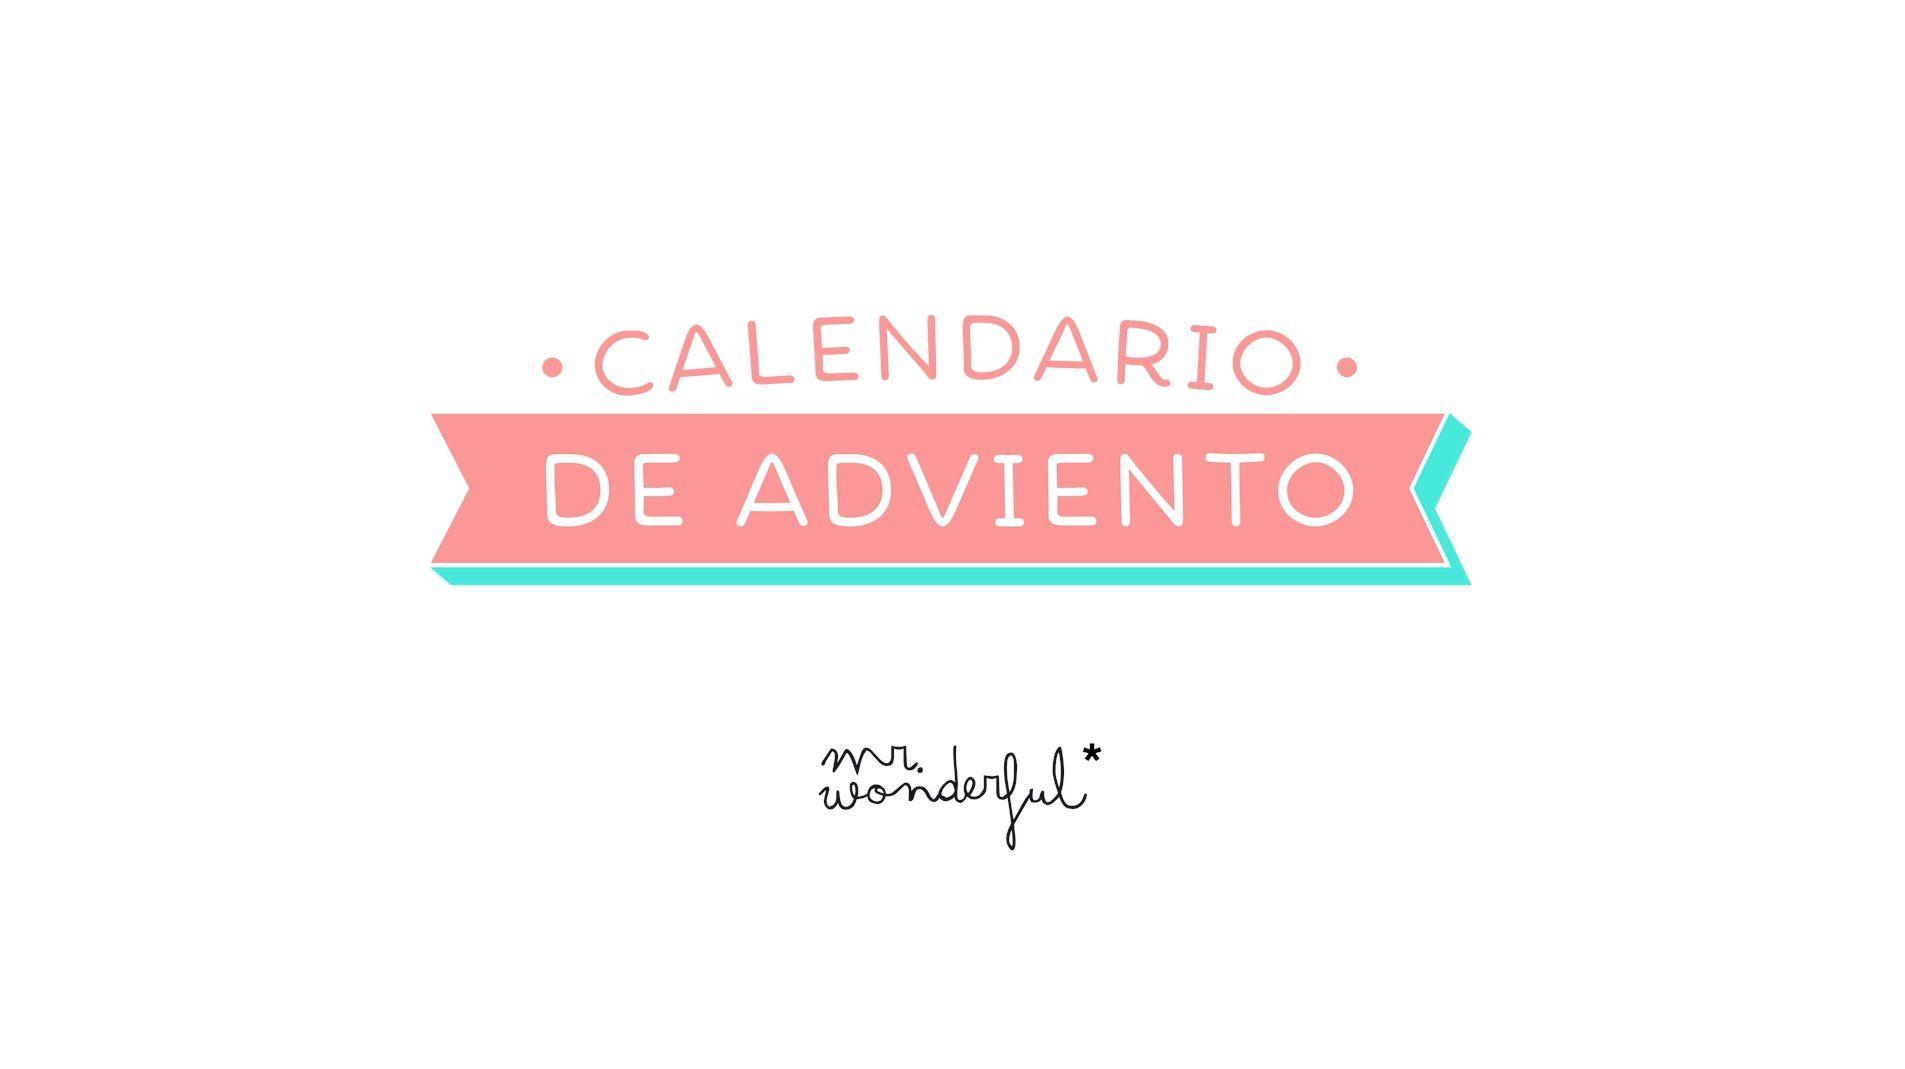 Calendario de adviento de Mr.Wonderful